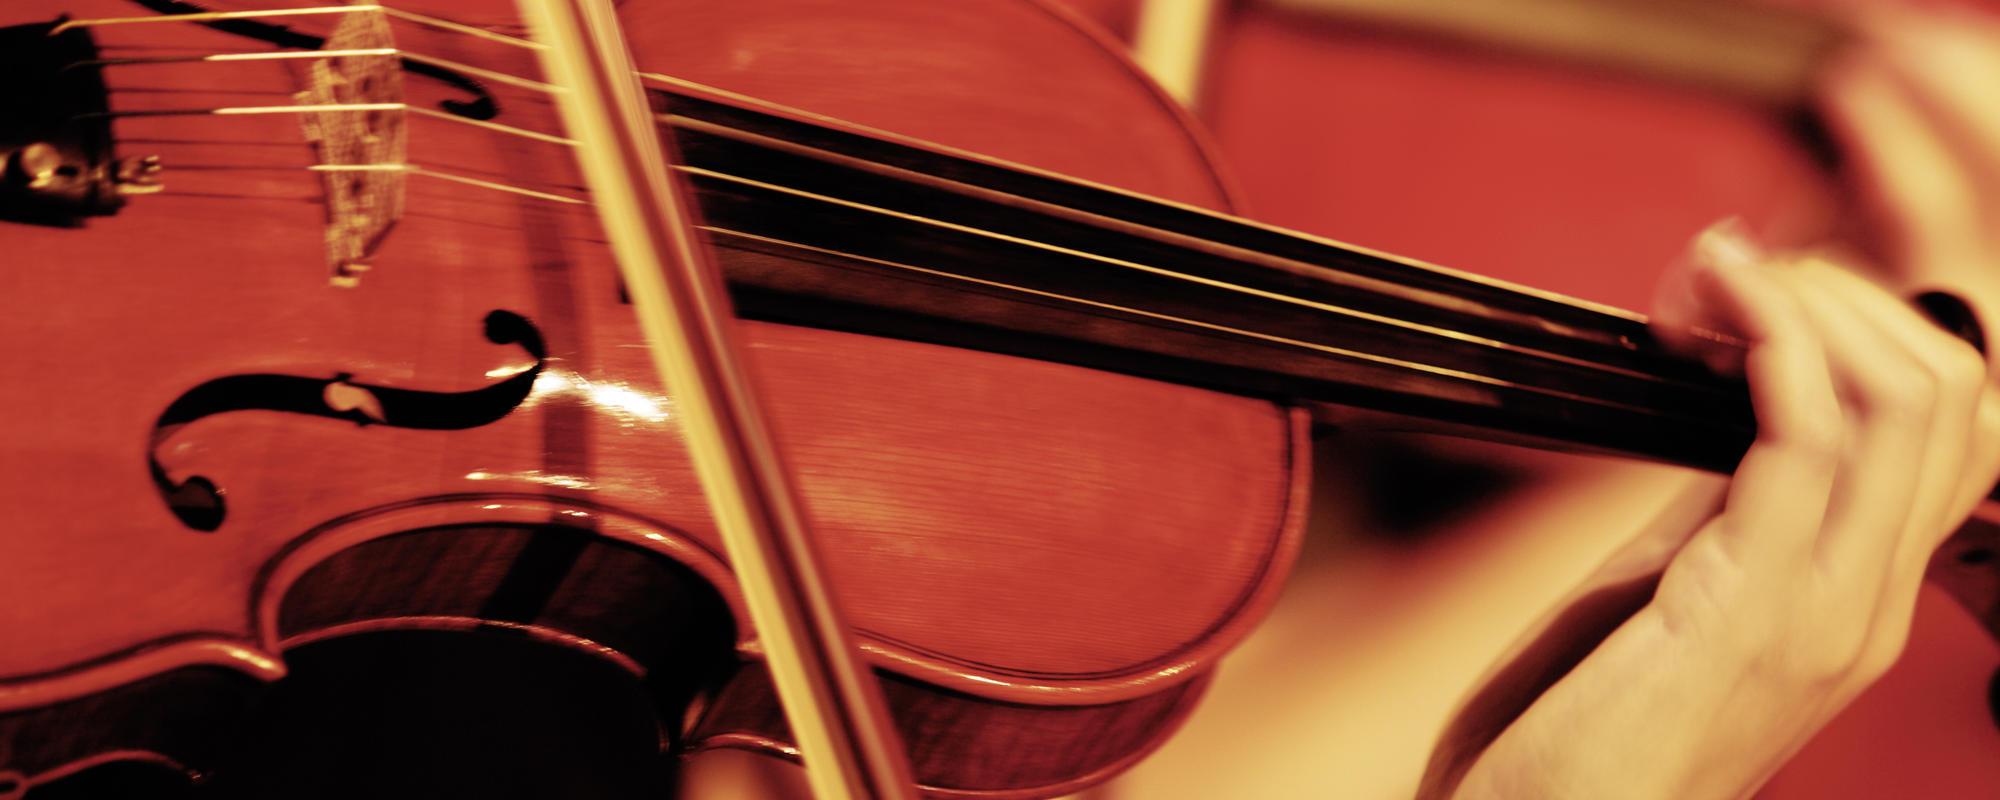 Klassische Musik | © WienTourismus/Peter Rigaud